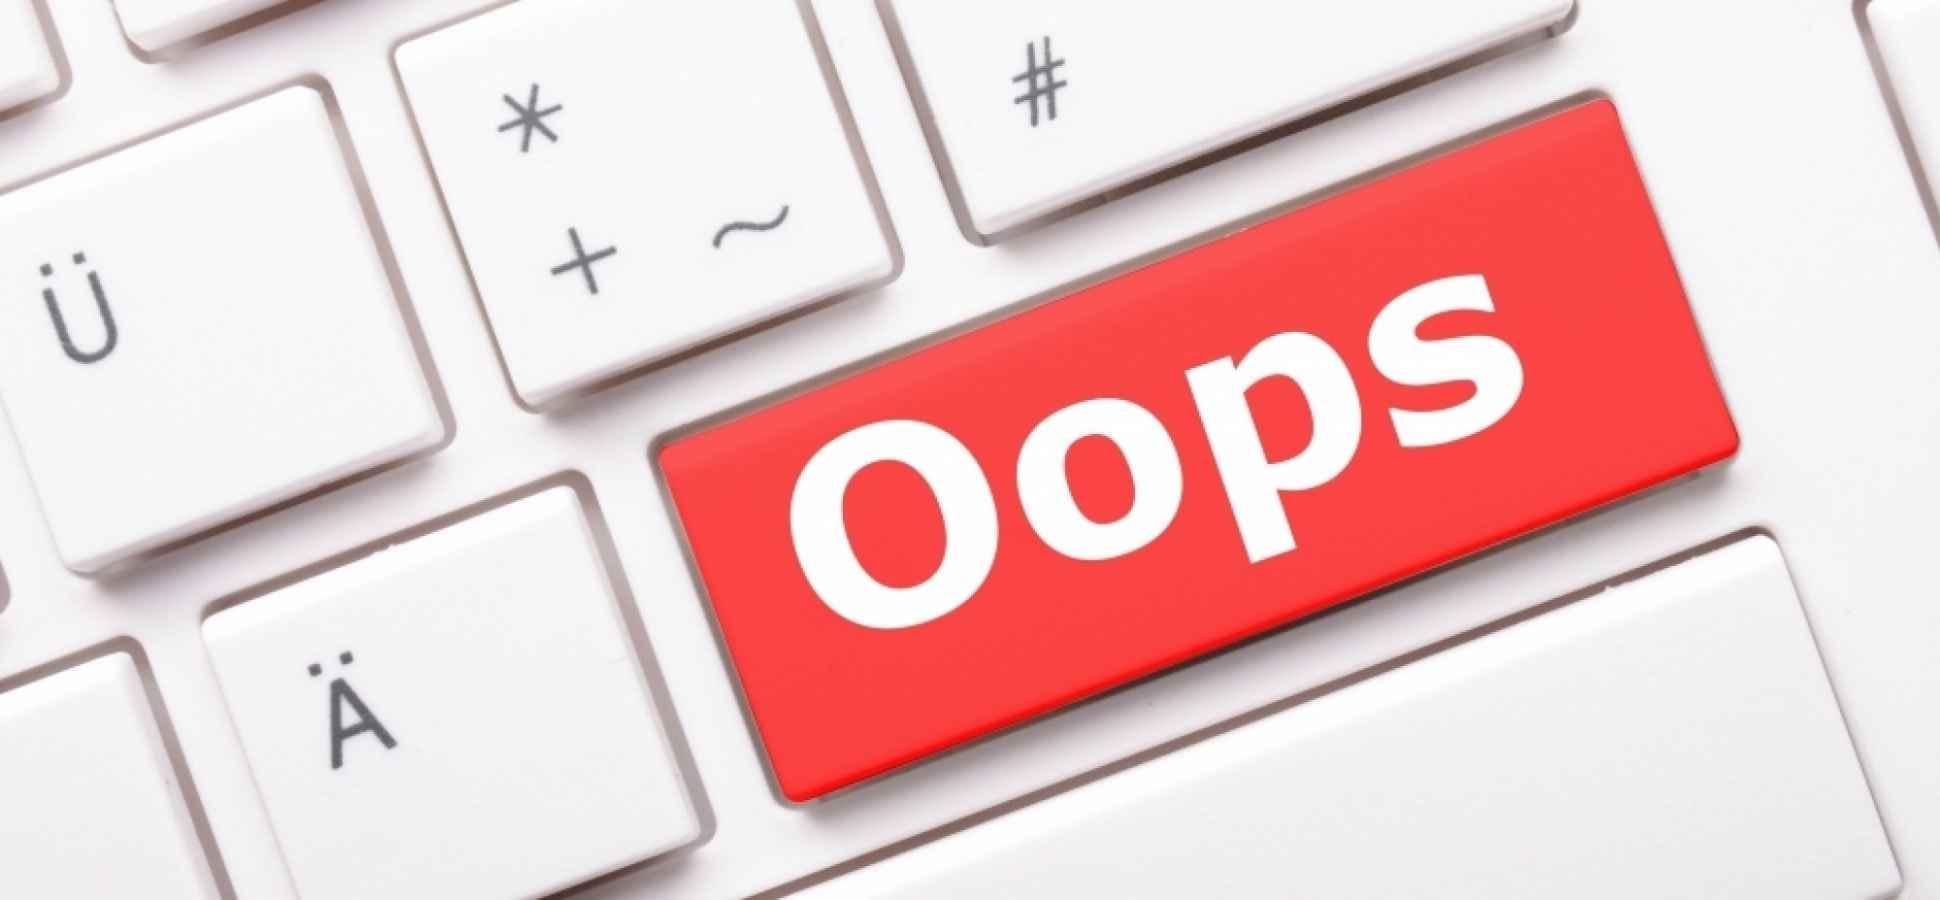 7 Mistakes Entrepreneurs Can Avoid